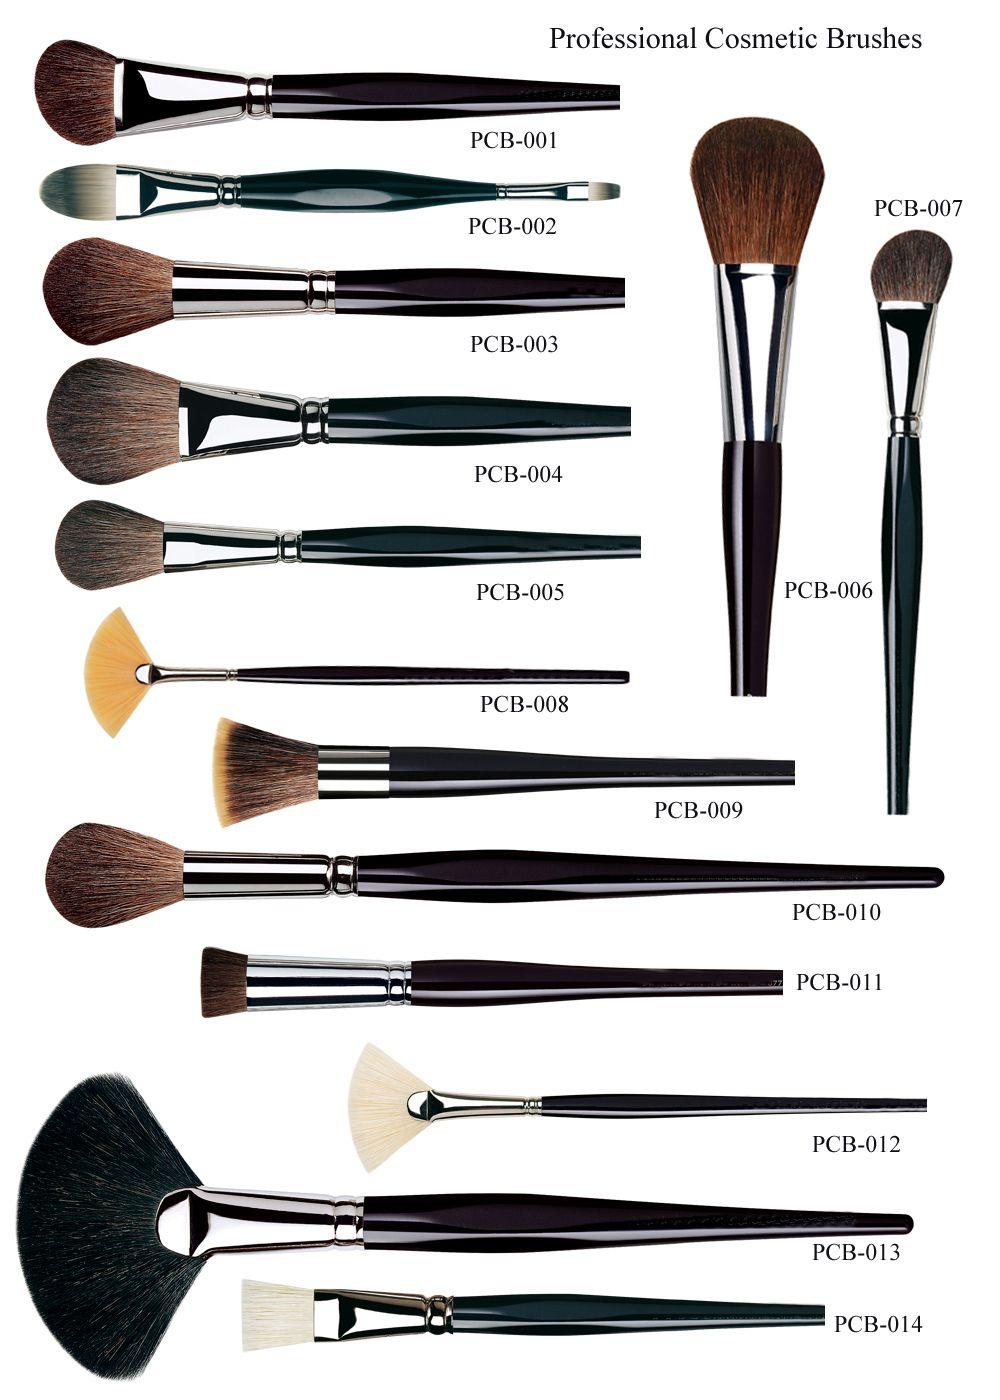 Профессиональные кисточки для макияжа как ими пользоваться